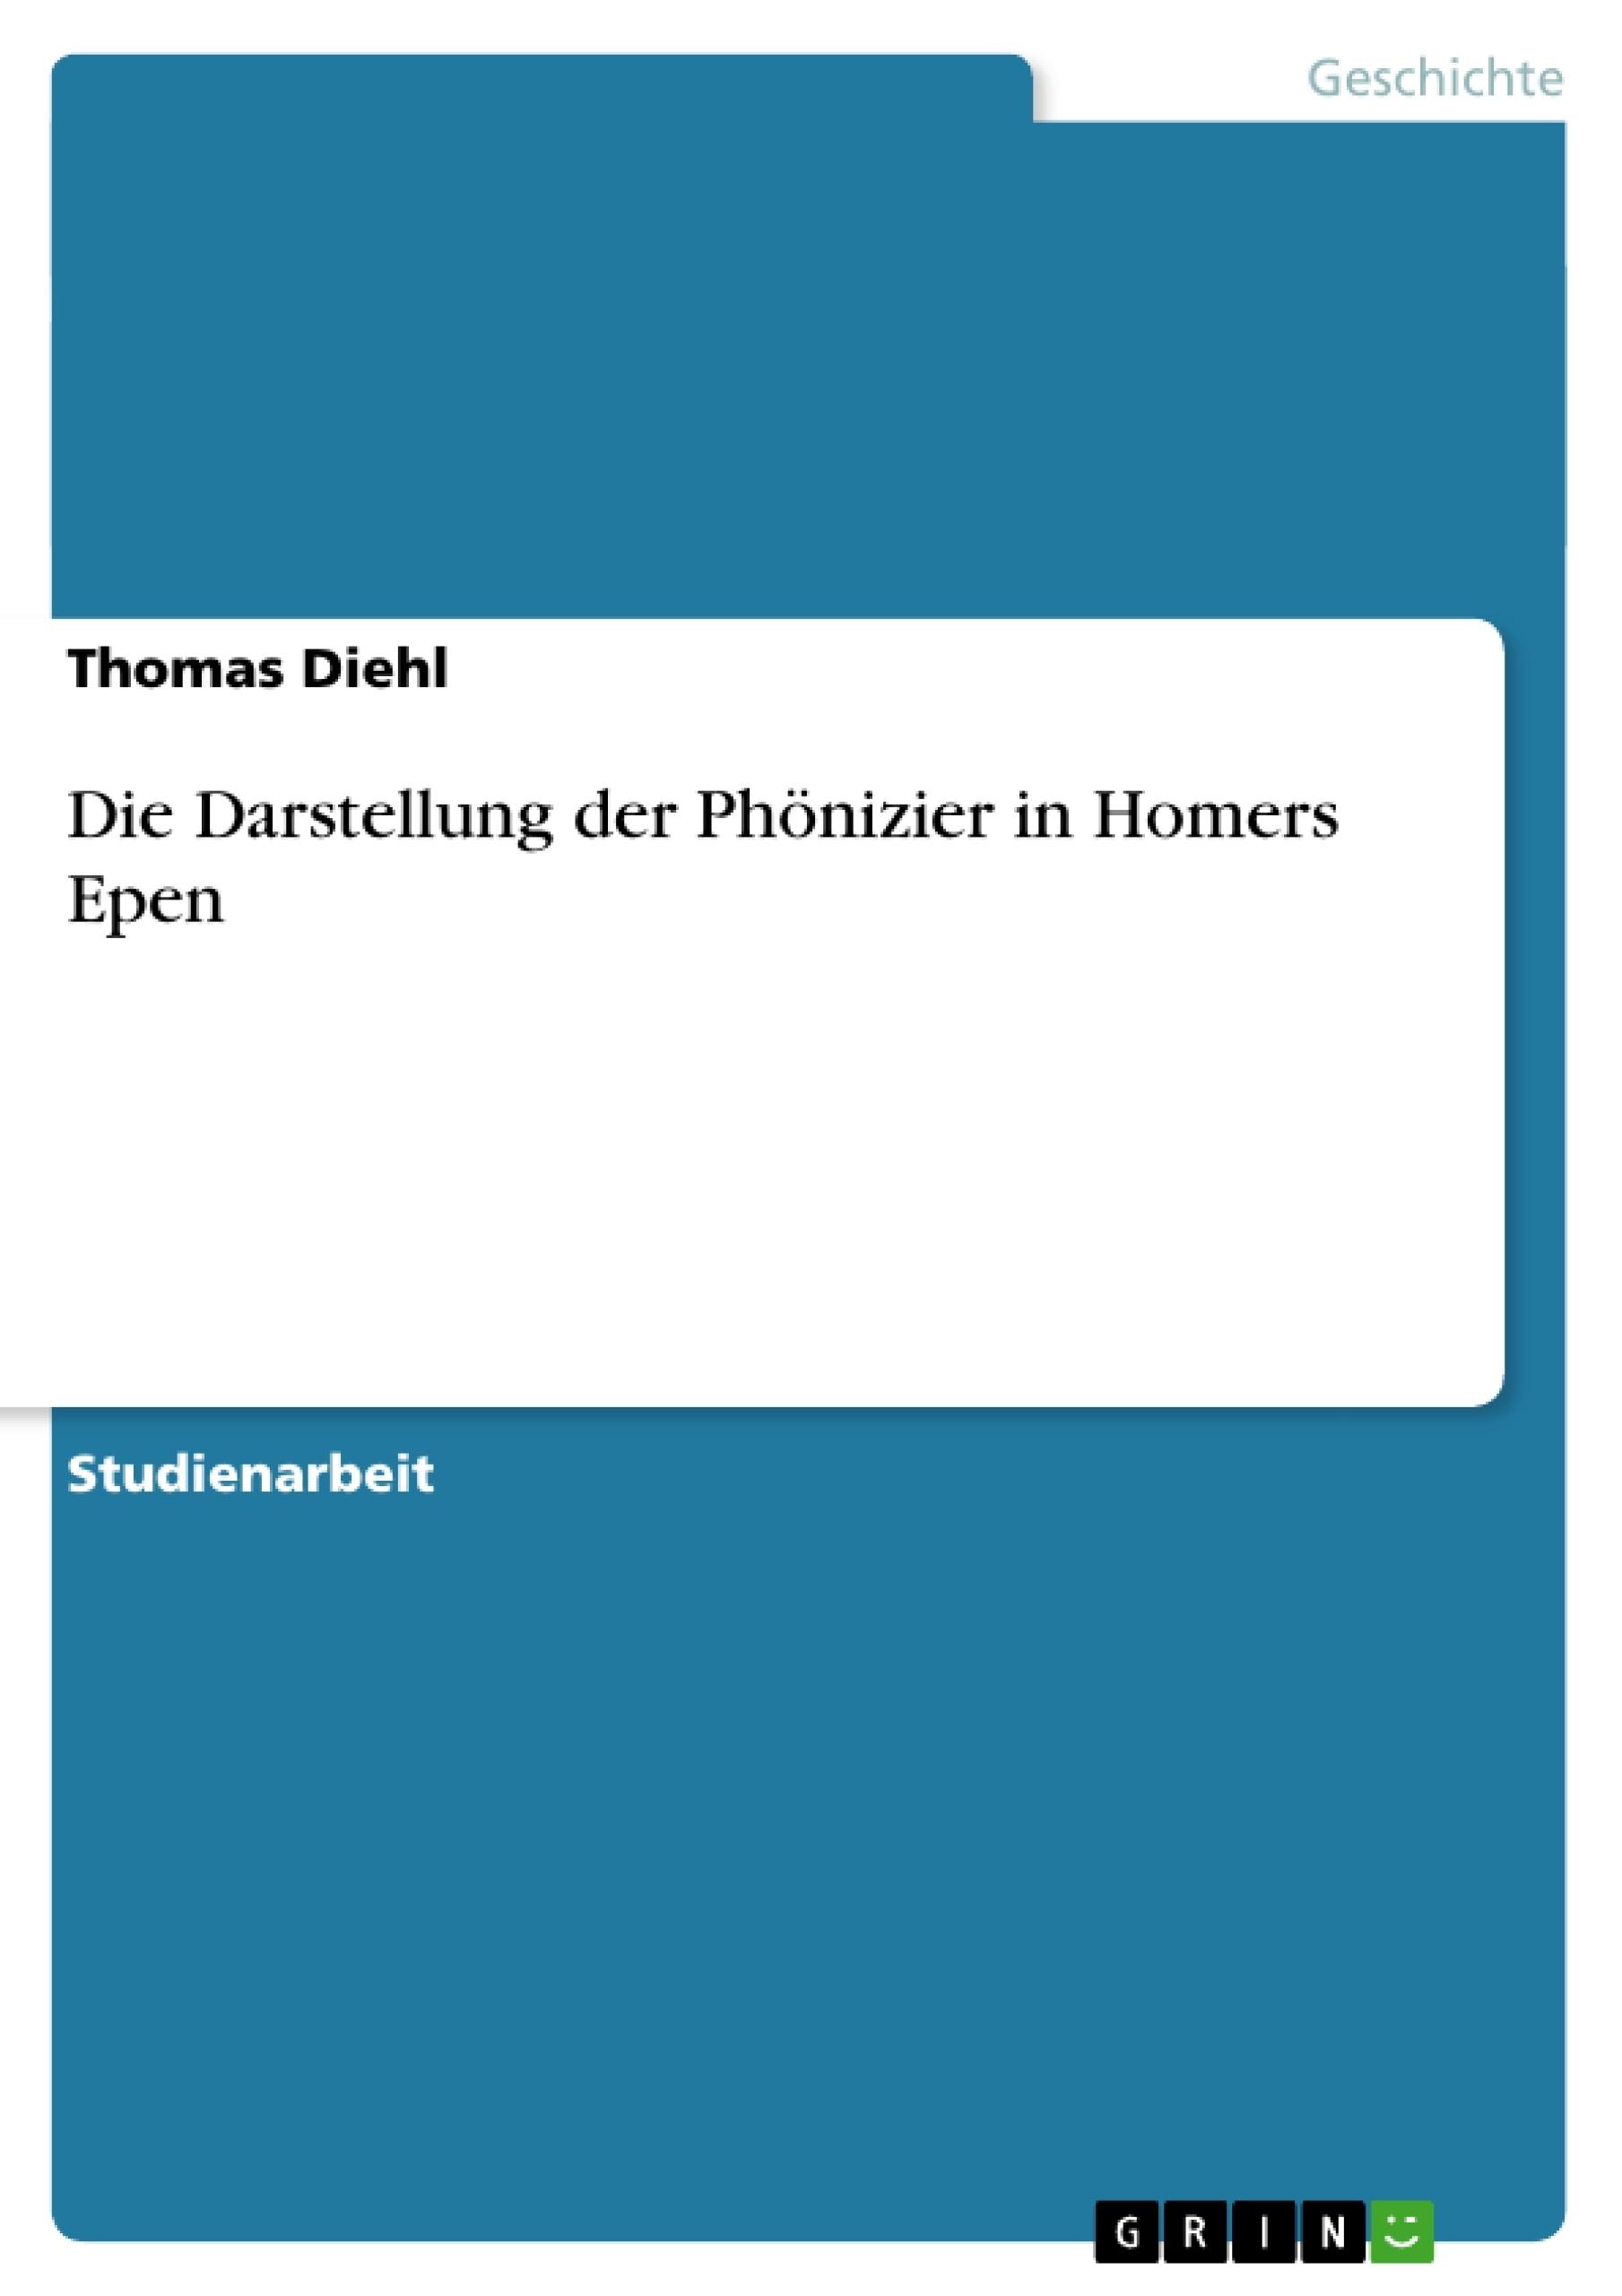 Titel: Die Darstellung der Phönizier in Homers Epen